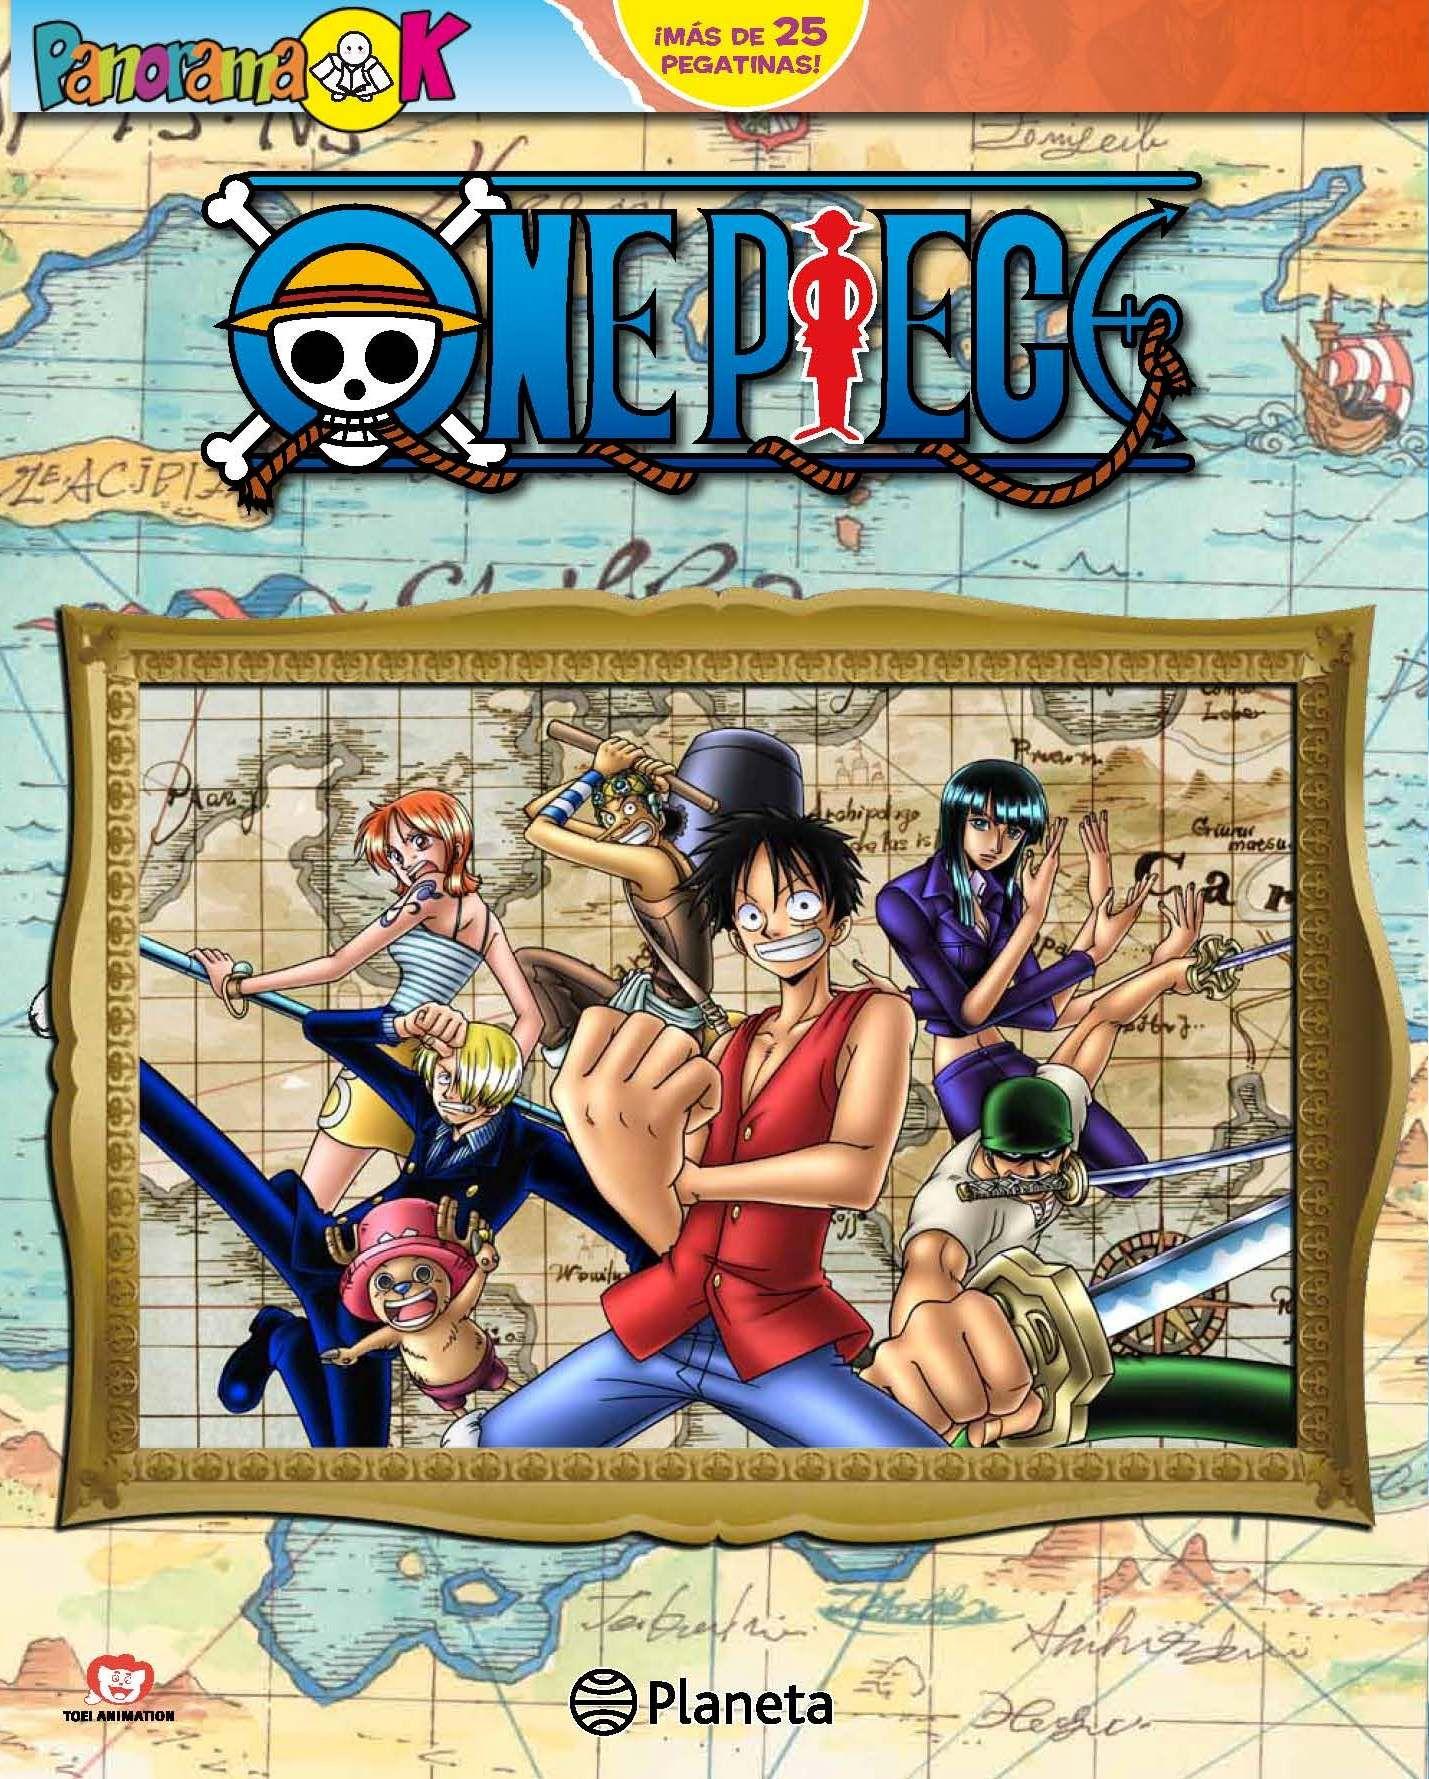 ONE PIECE PANORAMA K. - En poco tiempo, Luffy reuni a una ...